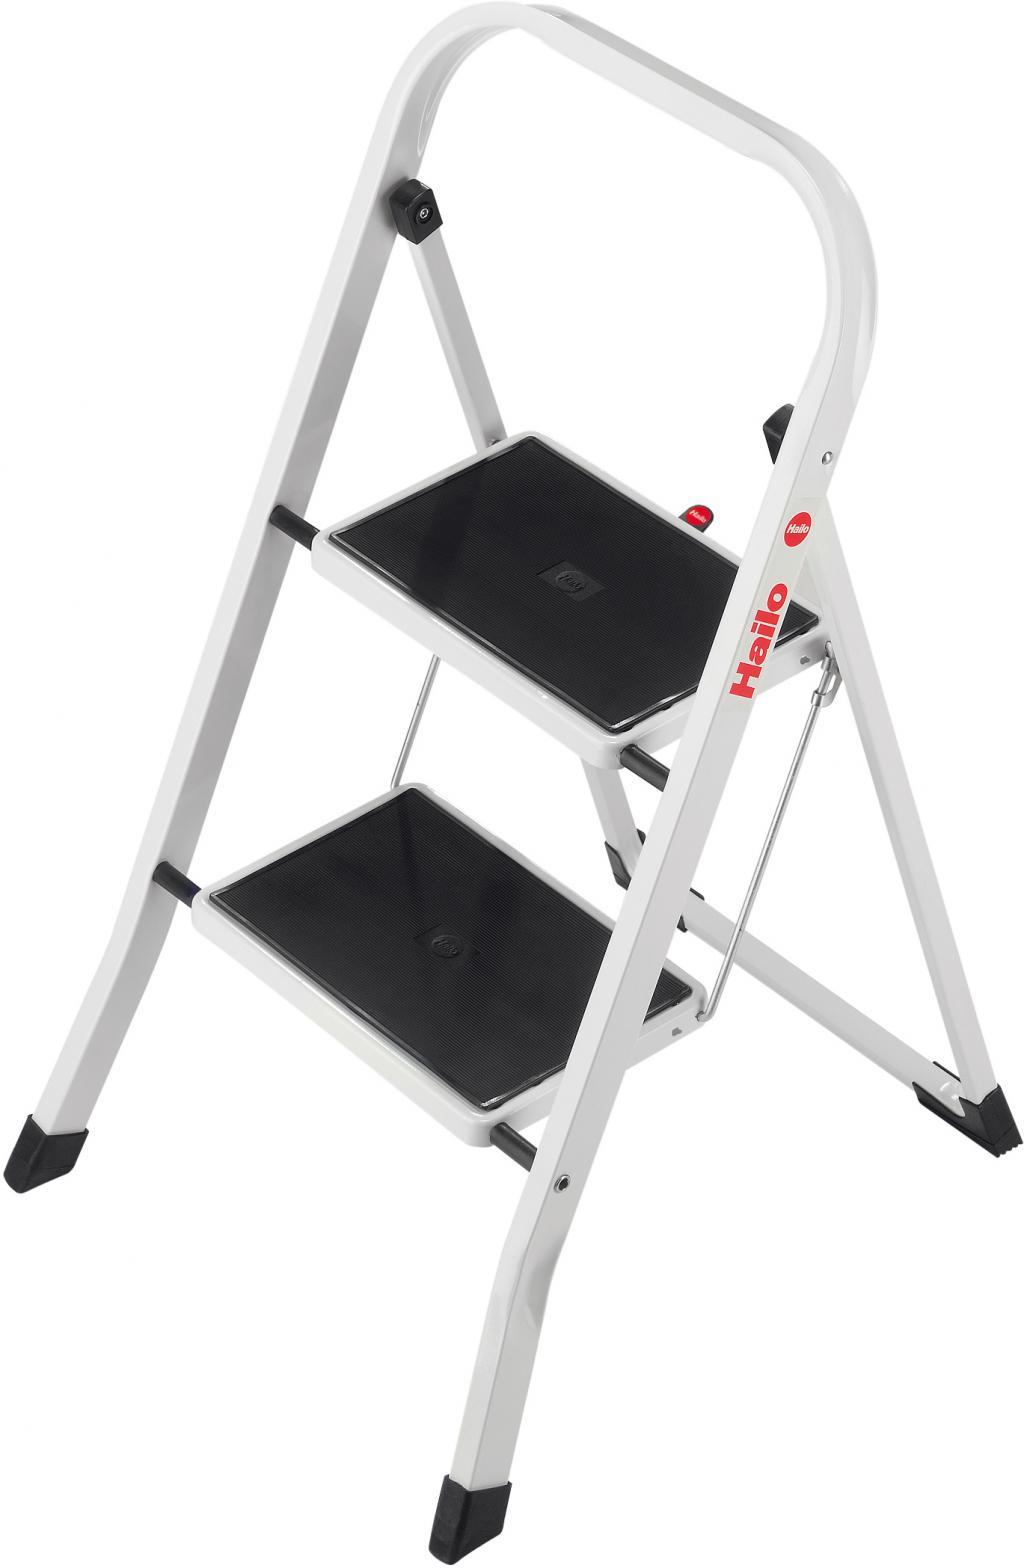 trittleiter k20 2 stufen metall faltbar hailo kaufen wohn und. Black Bedroom Furniture Sets. Home Design Ideas